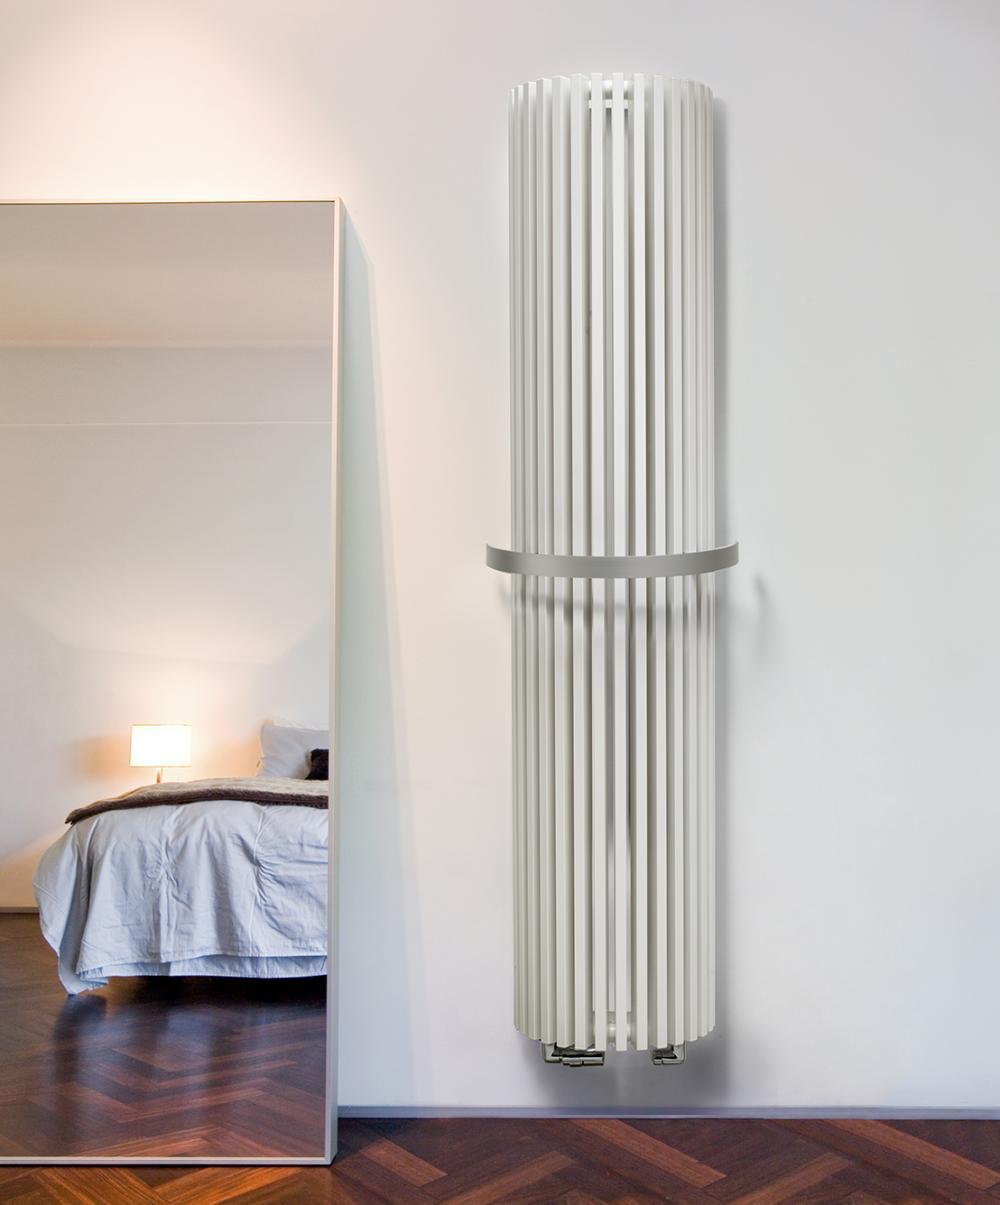 Calorifere decorative semirotunde Vasco Zana ZV-O 1800x393 mm, 1610 W